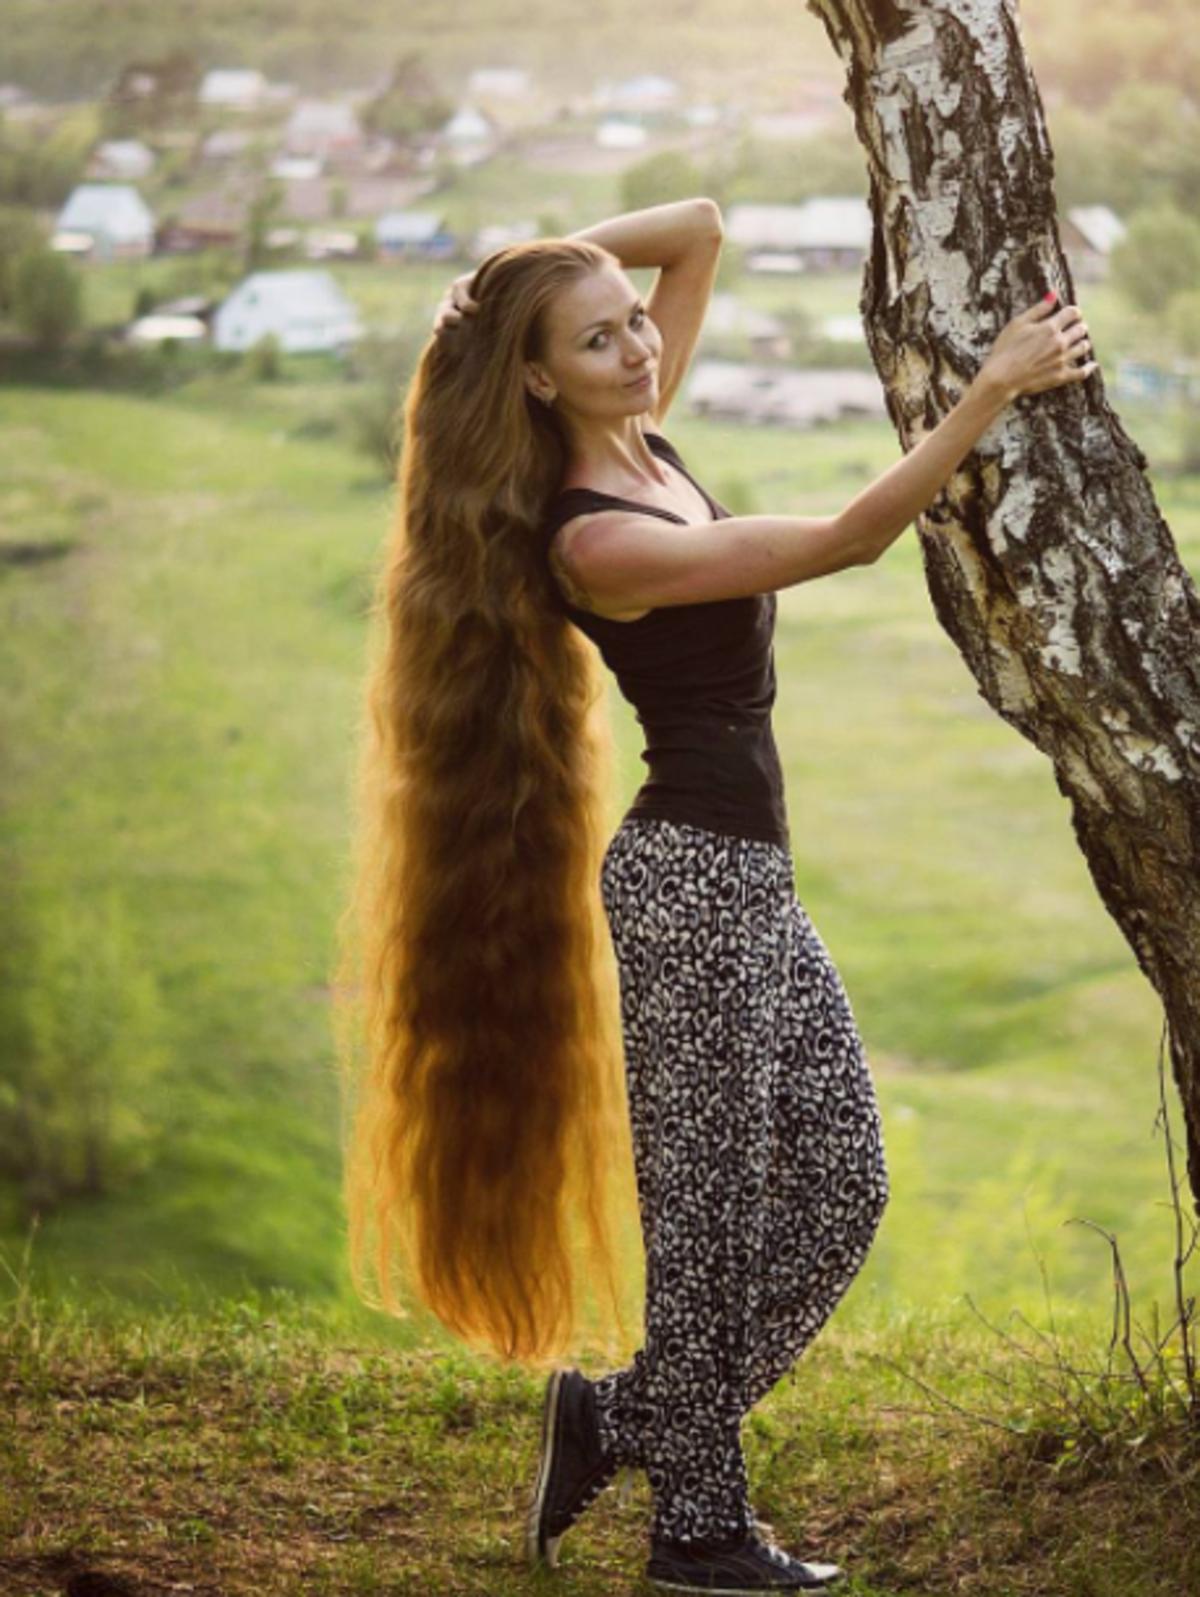 Rosyjska Roszpunka - ta dziewczyna od 14 lat nie obcina włosów